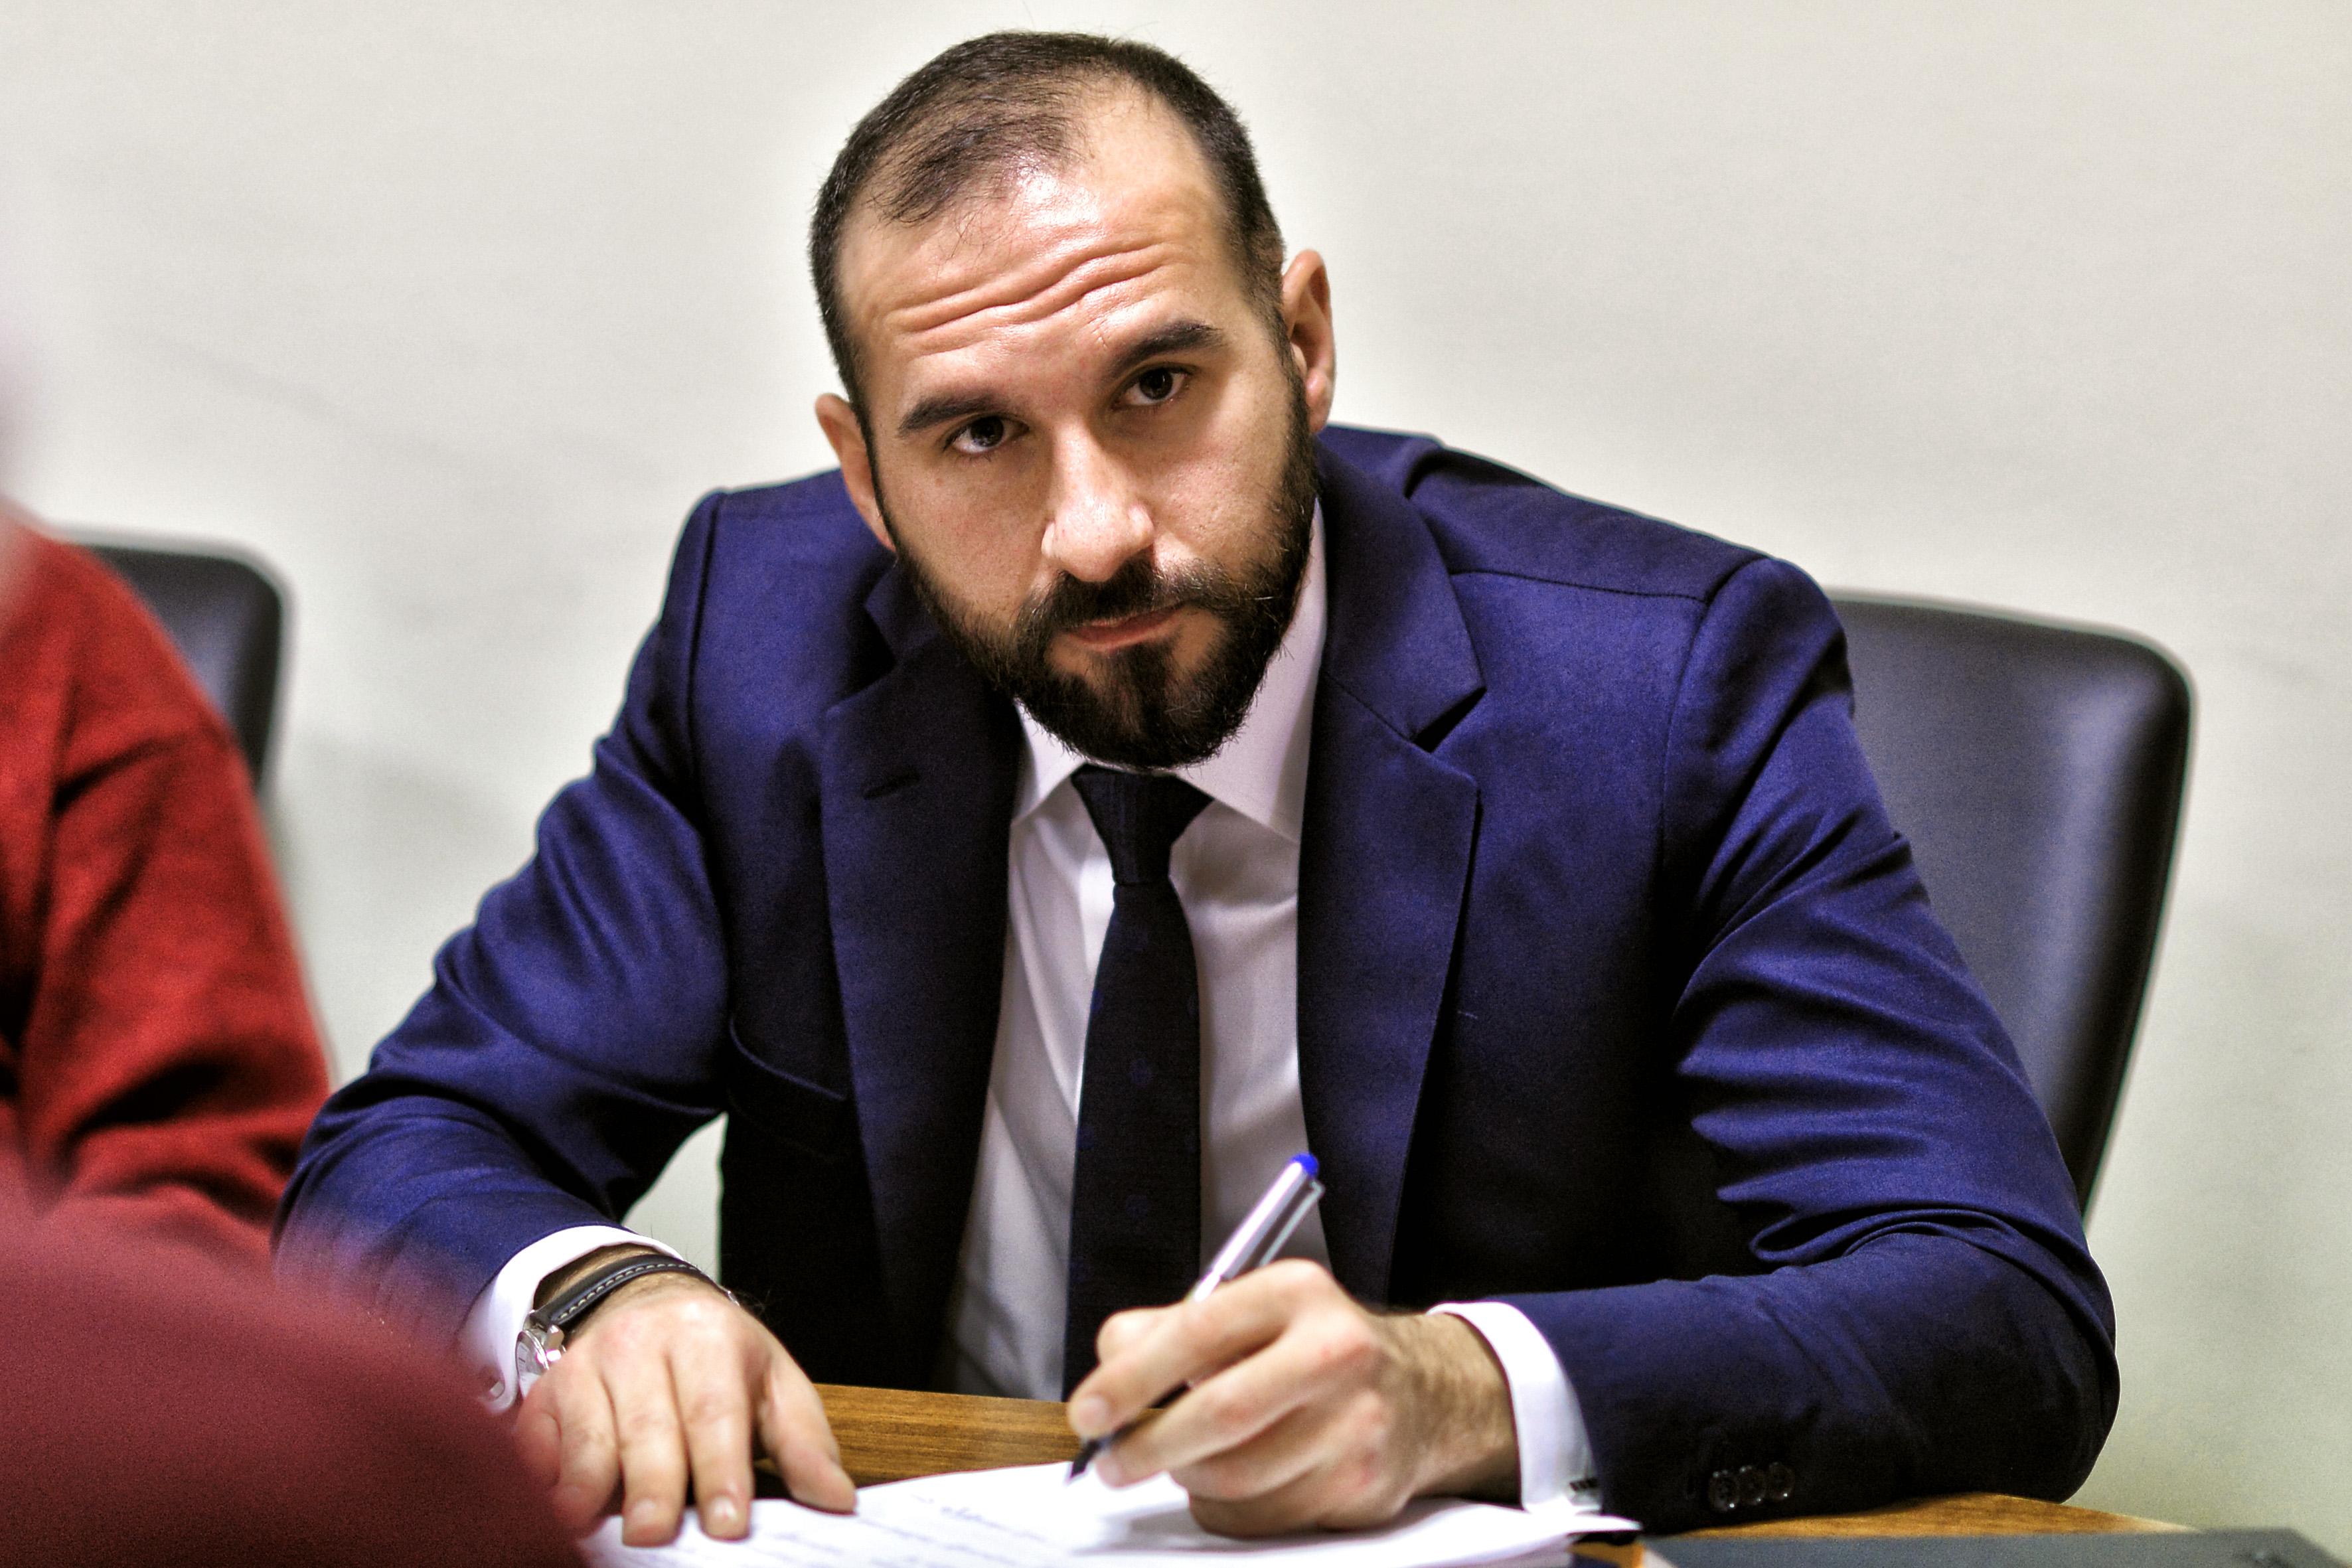 Τζανακόπουλος: Τα σύνορα στο Αιγαίο δεν αμφισβητούνται   tovima.gr